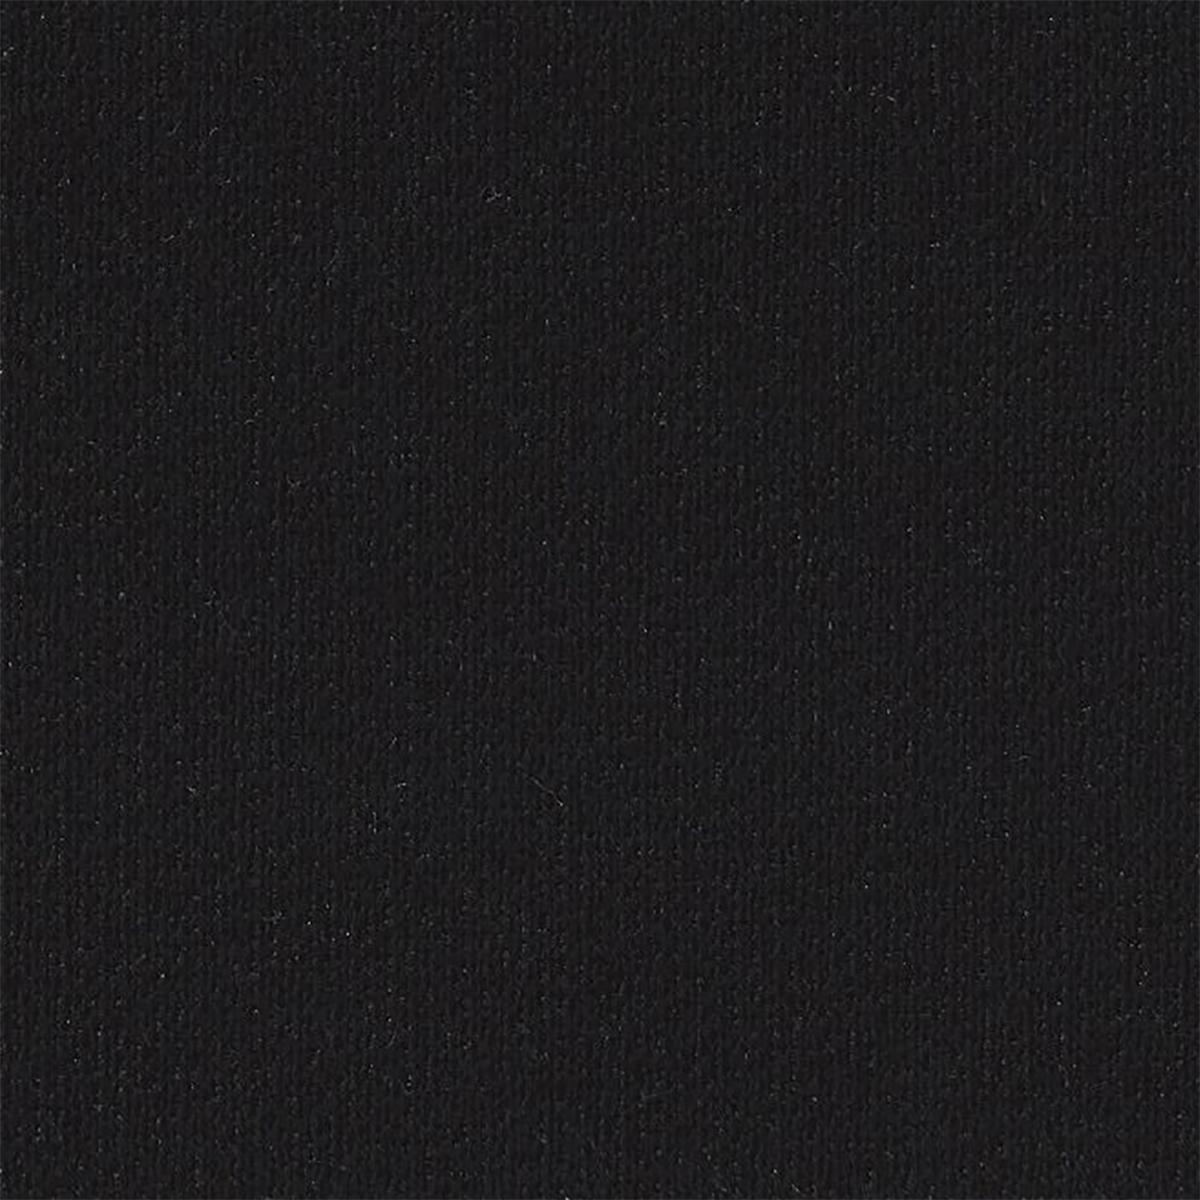 Dox Black Swatch Teaser